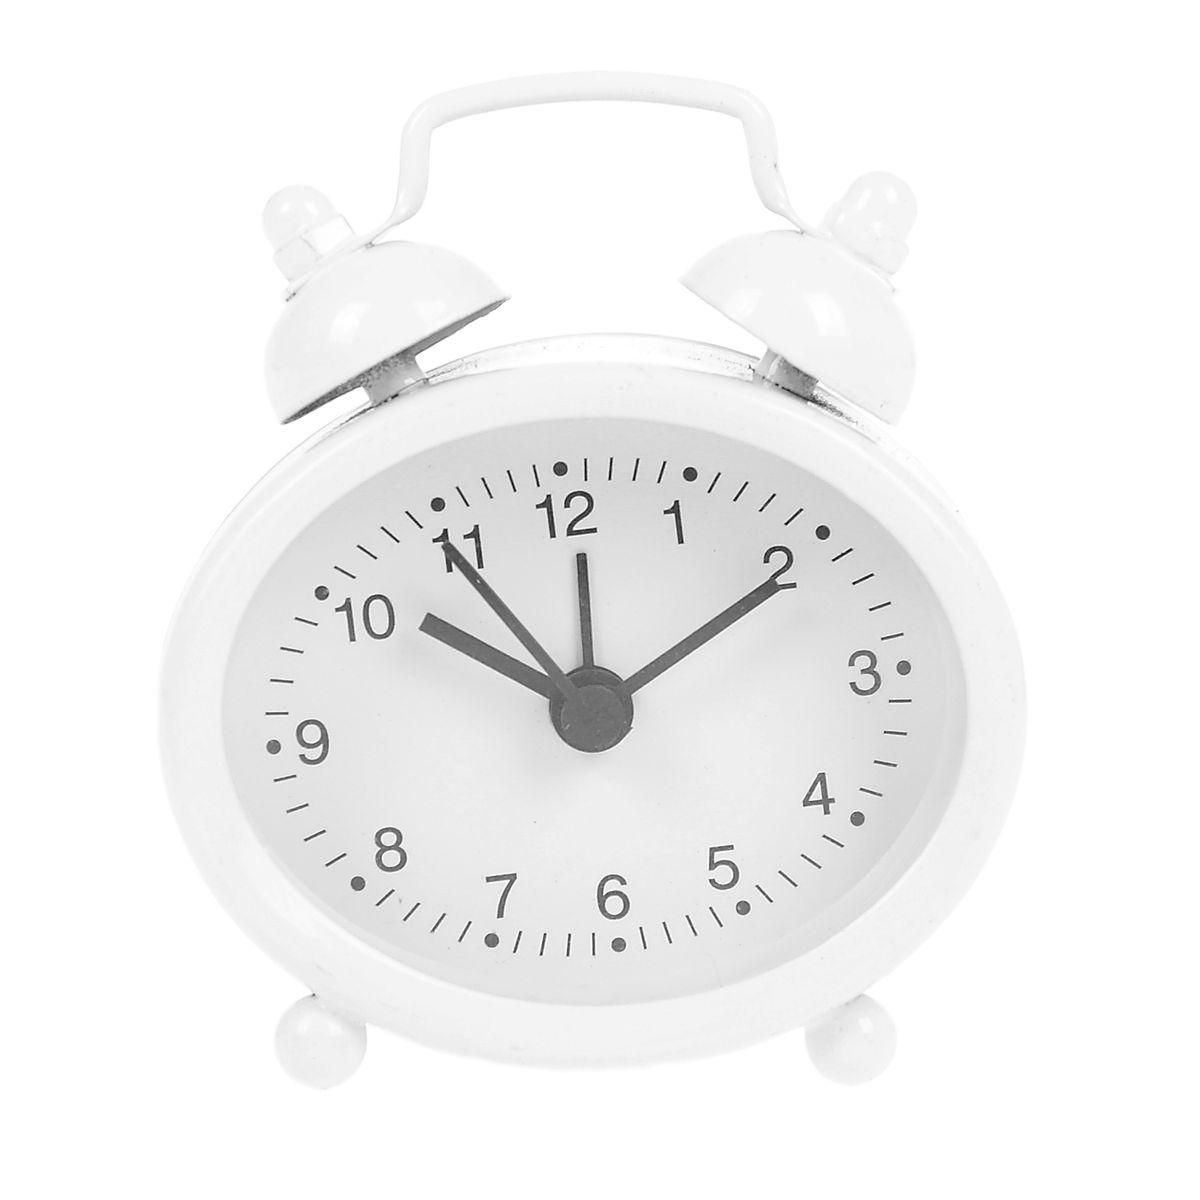 Часы-будильник Sima-land, цвет: белый. 840948MRC 4119 P schwarzКак же сложно иногда вставать вовремя! Всегда так хочется поспать еще хотя бы 5 минут и бывает, что мы просыпаем. Теперь этого не случится! Яркий, оригинальный будильник Sima-land поможет вам всегда вставать в нужное время и успевать везде и всюду. Будильник украсит вашу комнату и приведет в восхищение друзей. Эта уменьшенная версия привычного будильника умещается на ладони и работает так же громко, как и привычные аналоги. Время показывает точно и будит в установленный час.На задней панели будильника расположены переключатель включения/выключения механизма, а также два колесика для настройки текущего времени и времени звонка будильника.Будильник работает от 1 батарейки типа LR44 (входит в комплект).